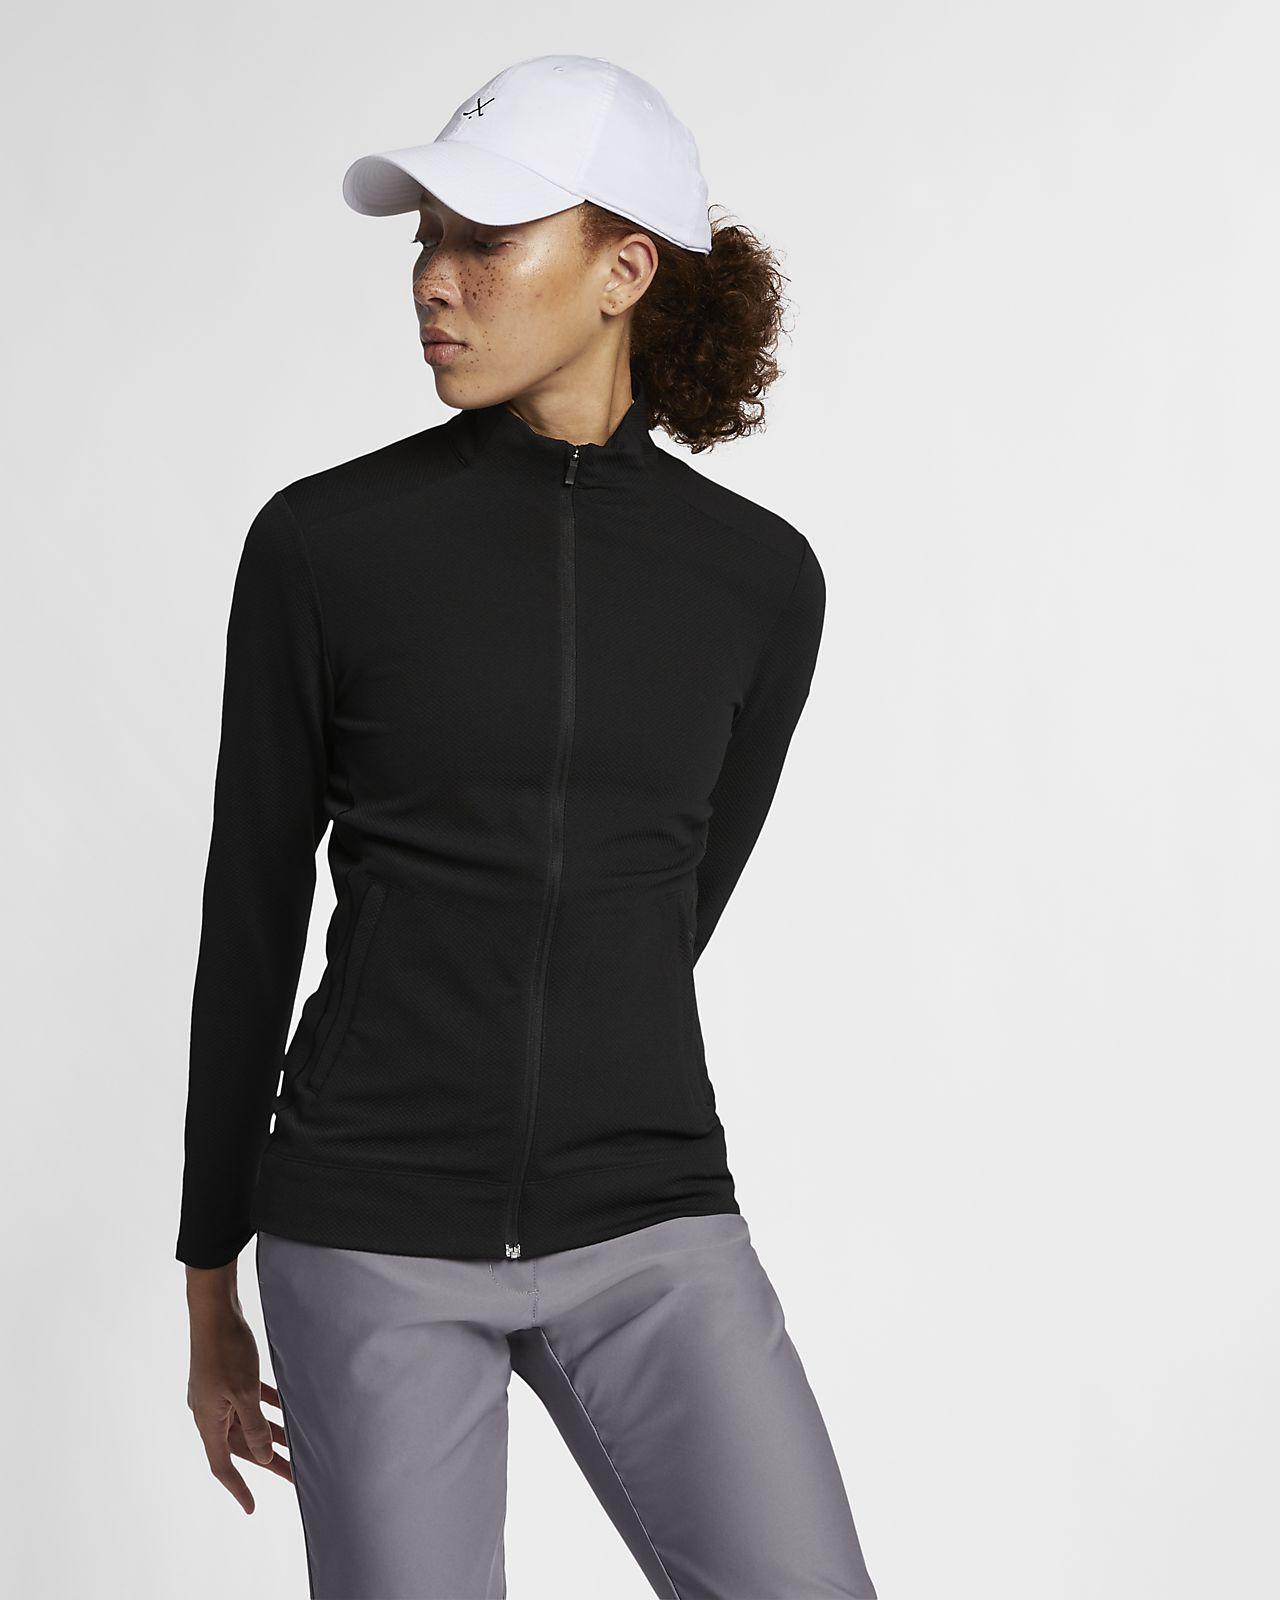 veste femme nike golf